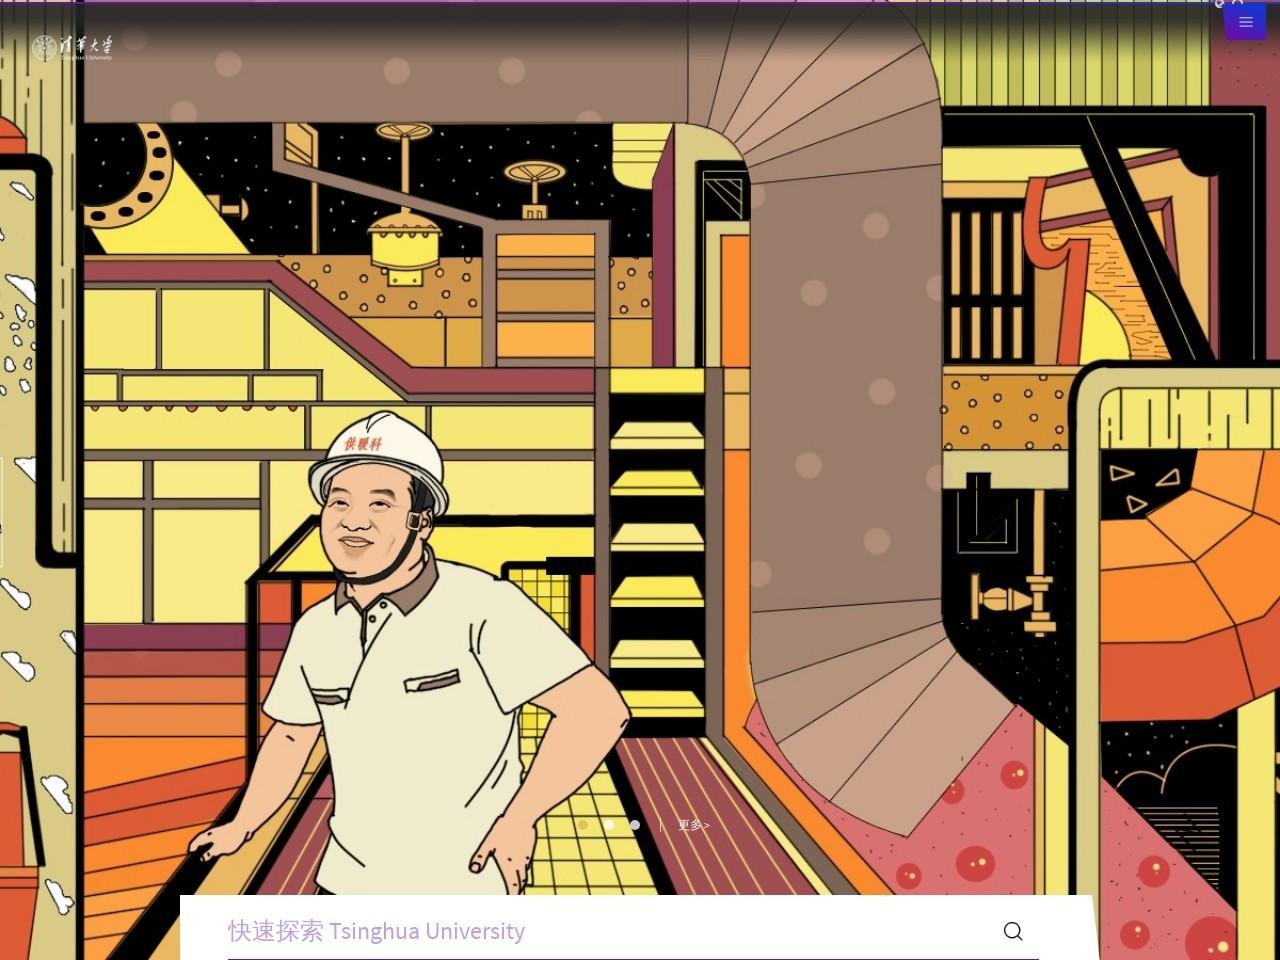 清华大学官网